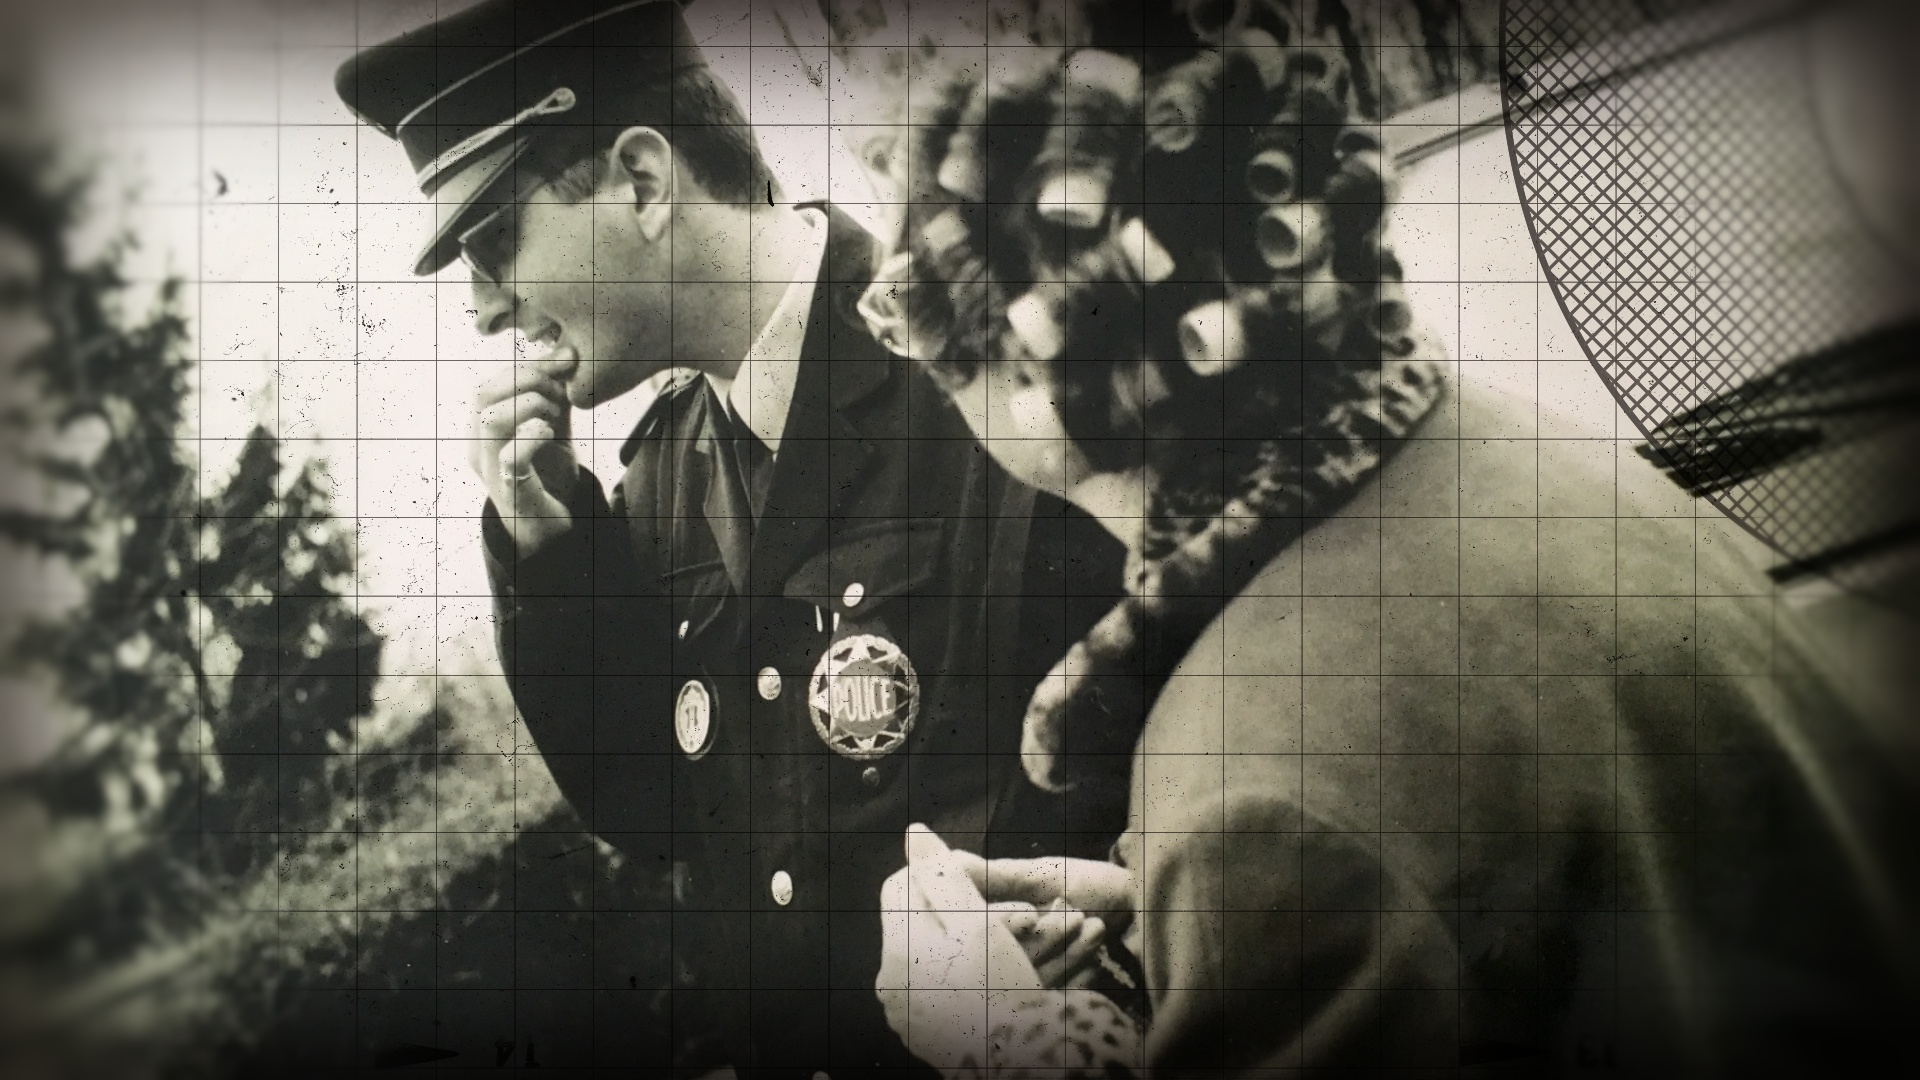 La Première Ligne - 7 personnages, 1 commissariat, 20 ans de vie de flic. La première série sur les gardien de la paix